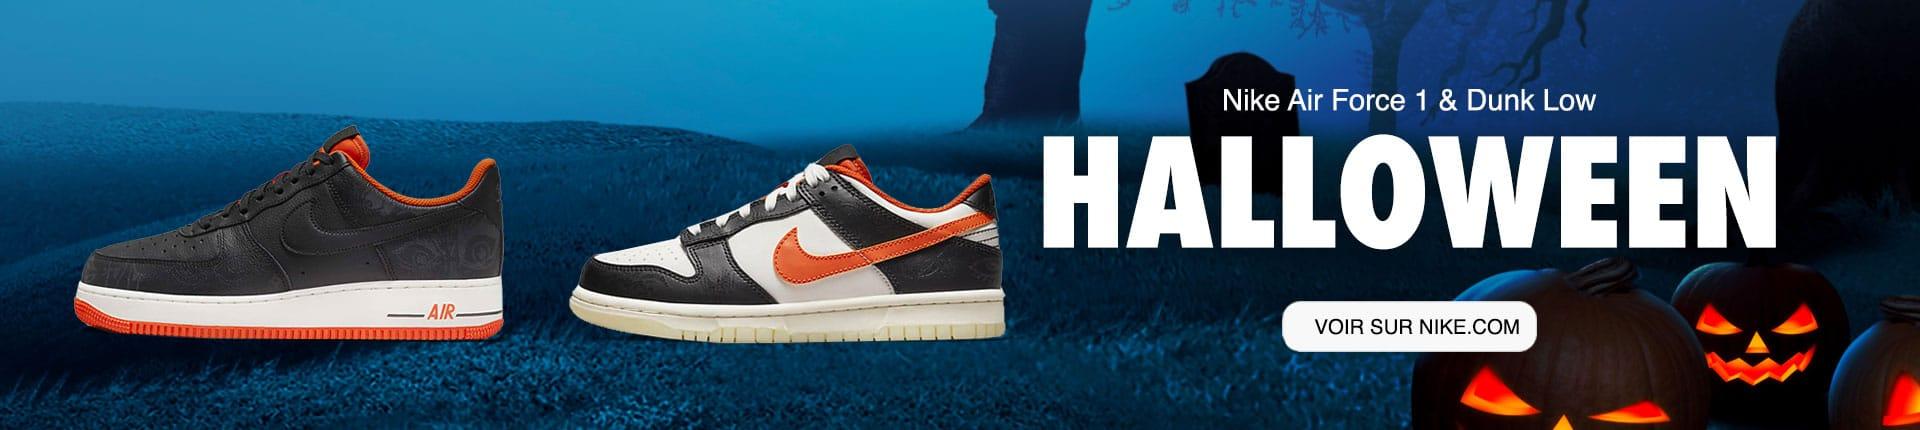 Nike Air Max 1 Patta